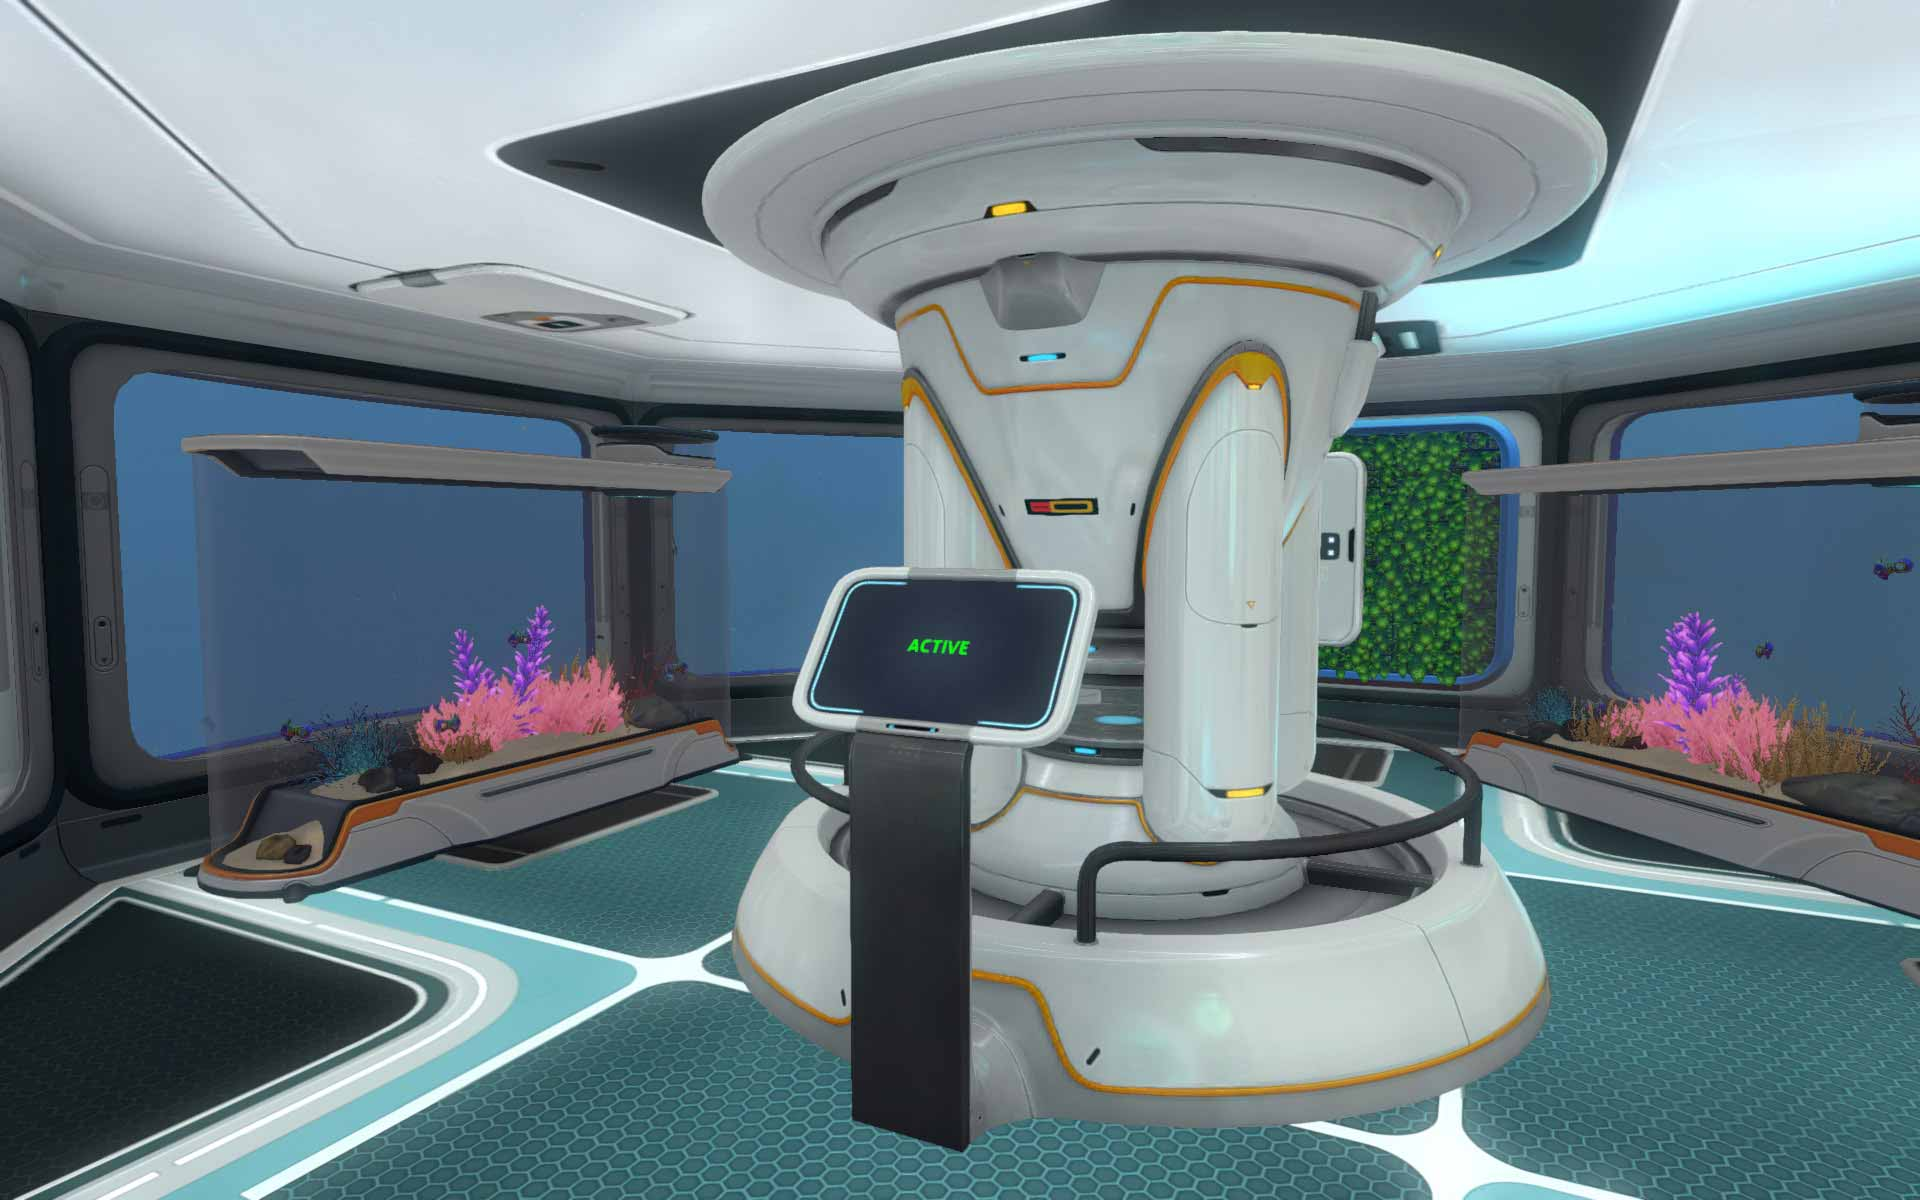 Xbox Update 1 Subnautica